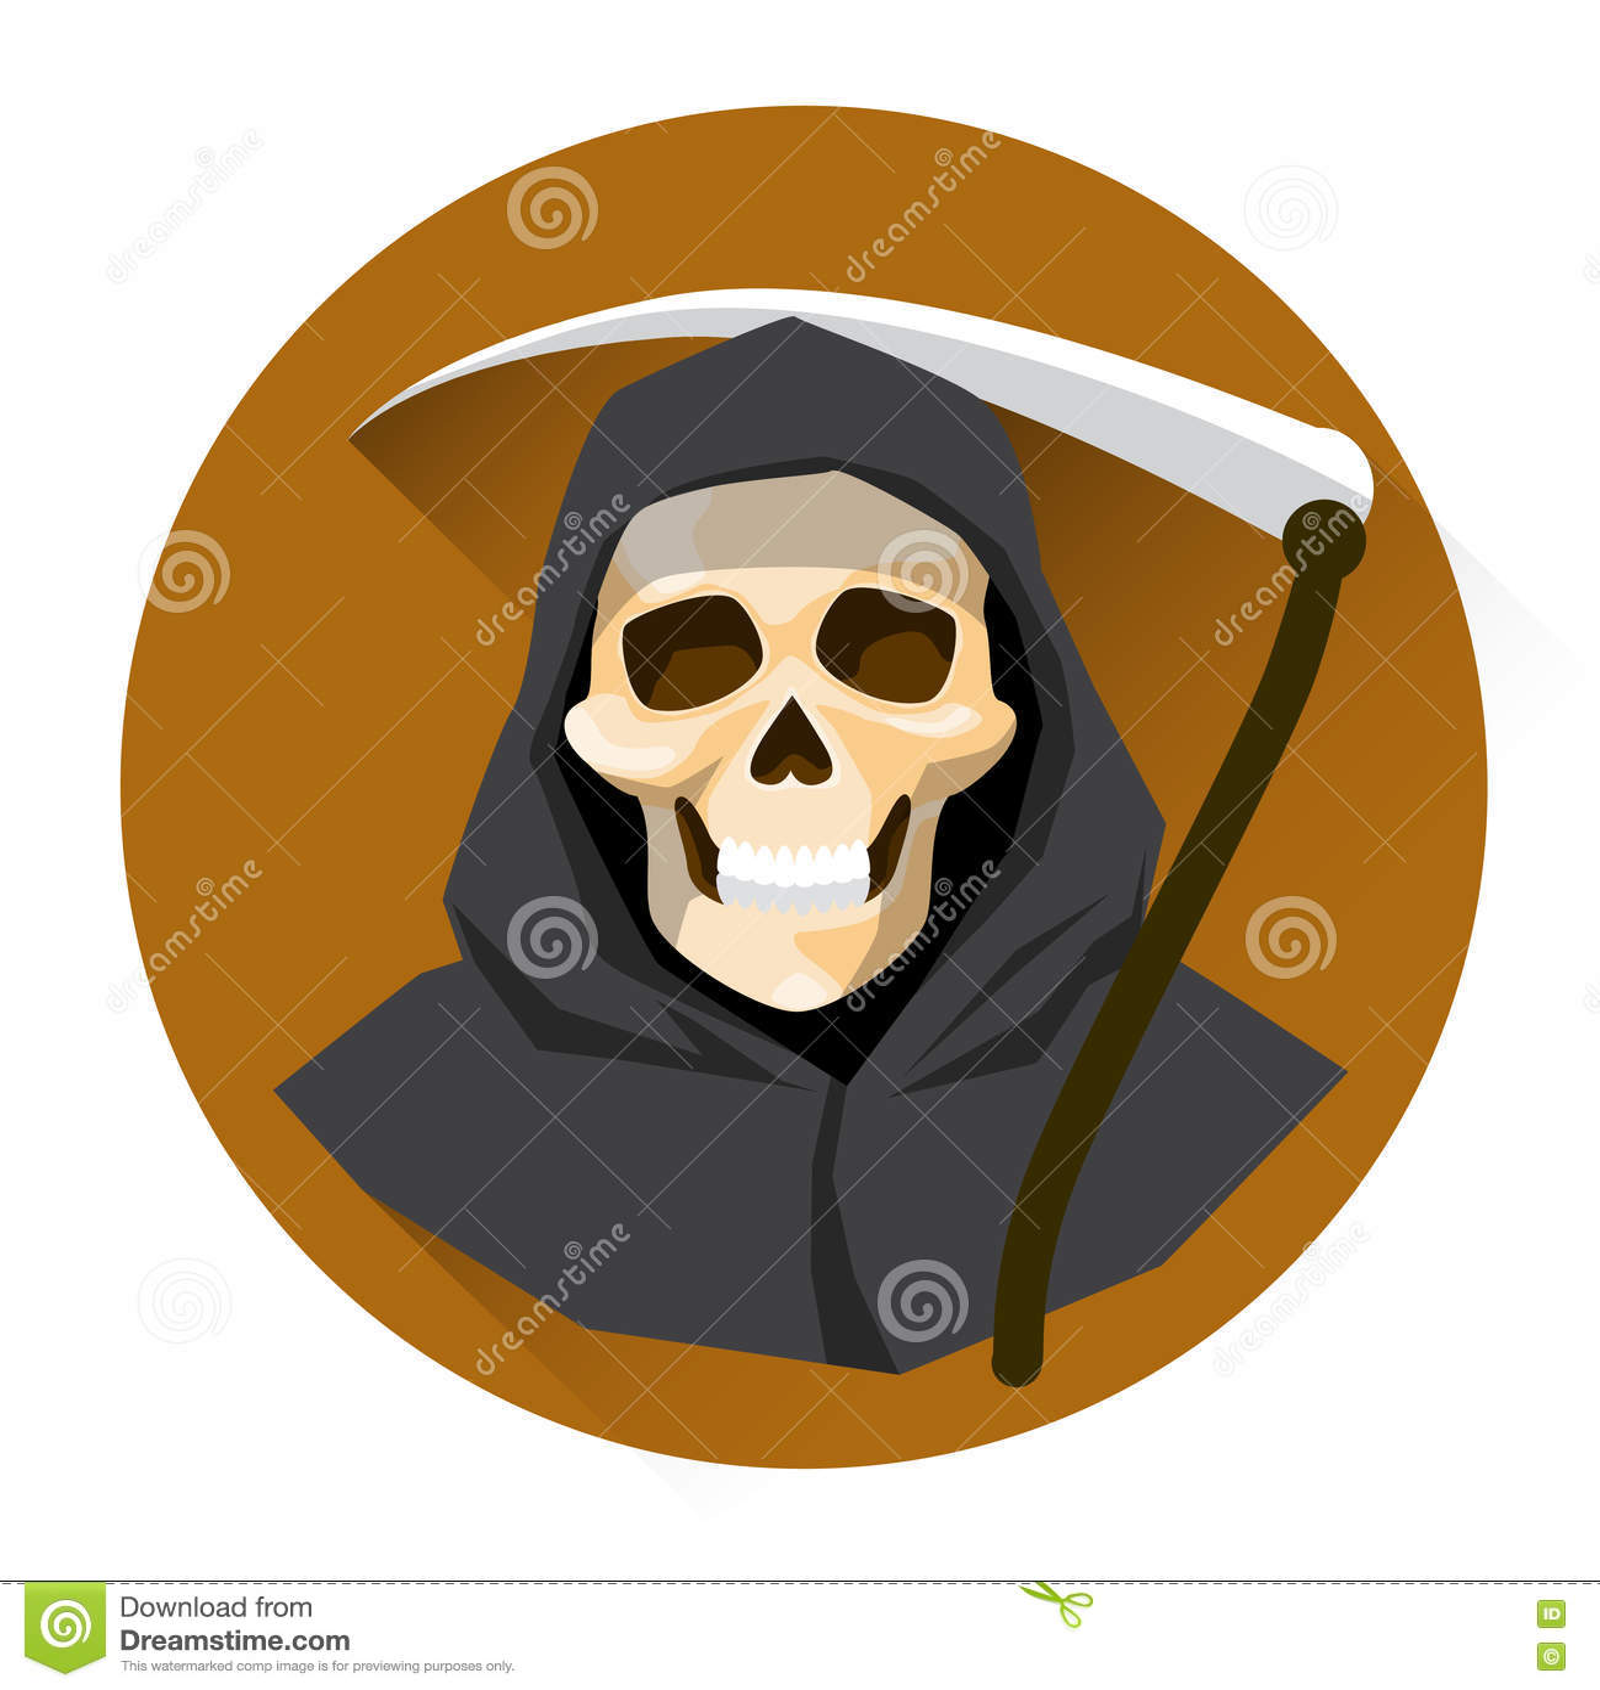 incontri scheletri Bruxelles velocità datazione